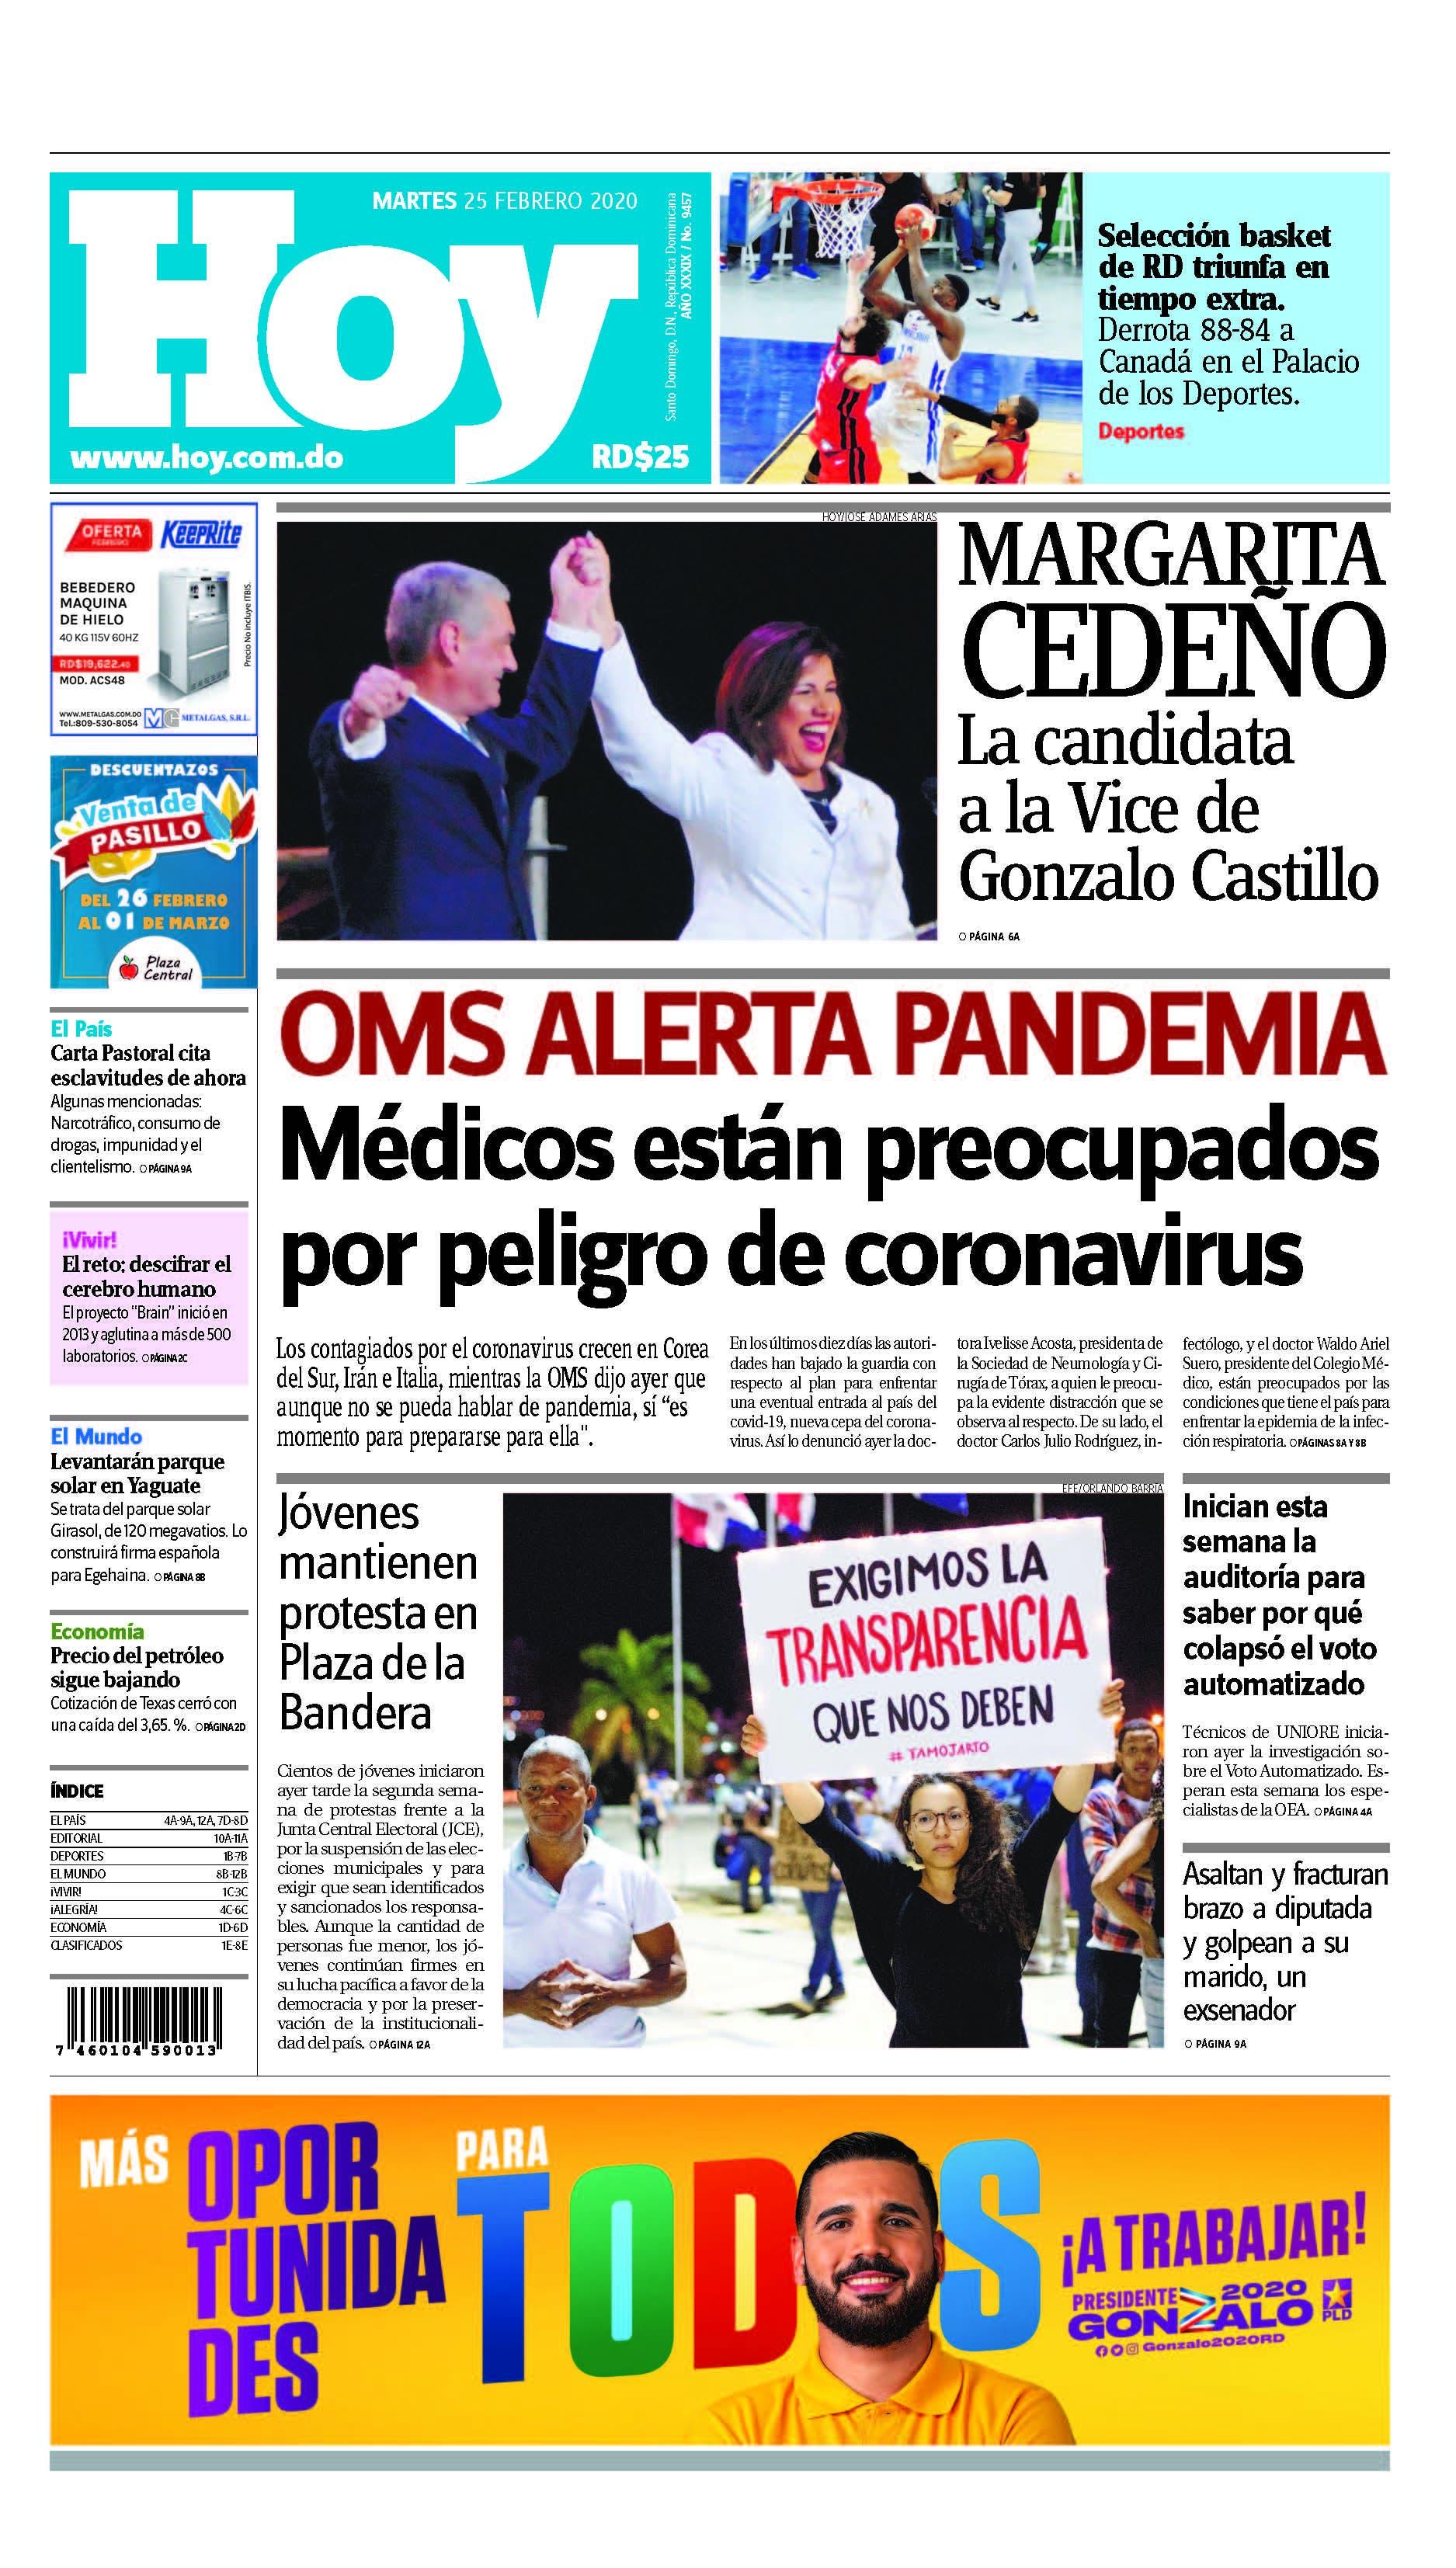 Pages from Edición impresa HOY martes 25 de febrero del 2020